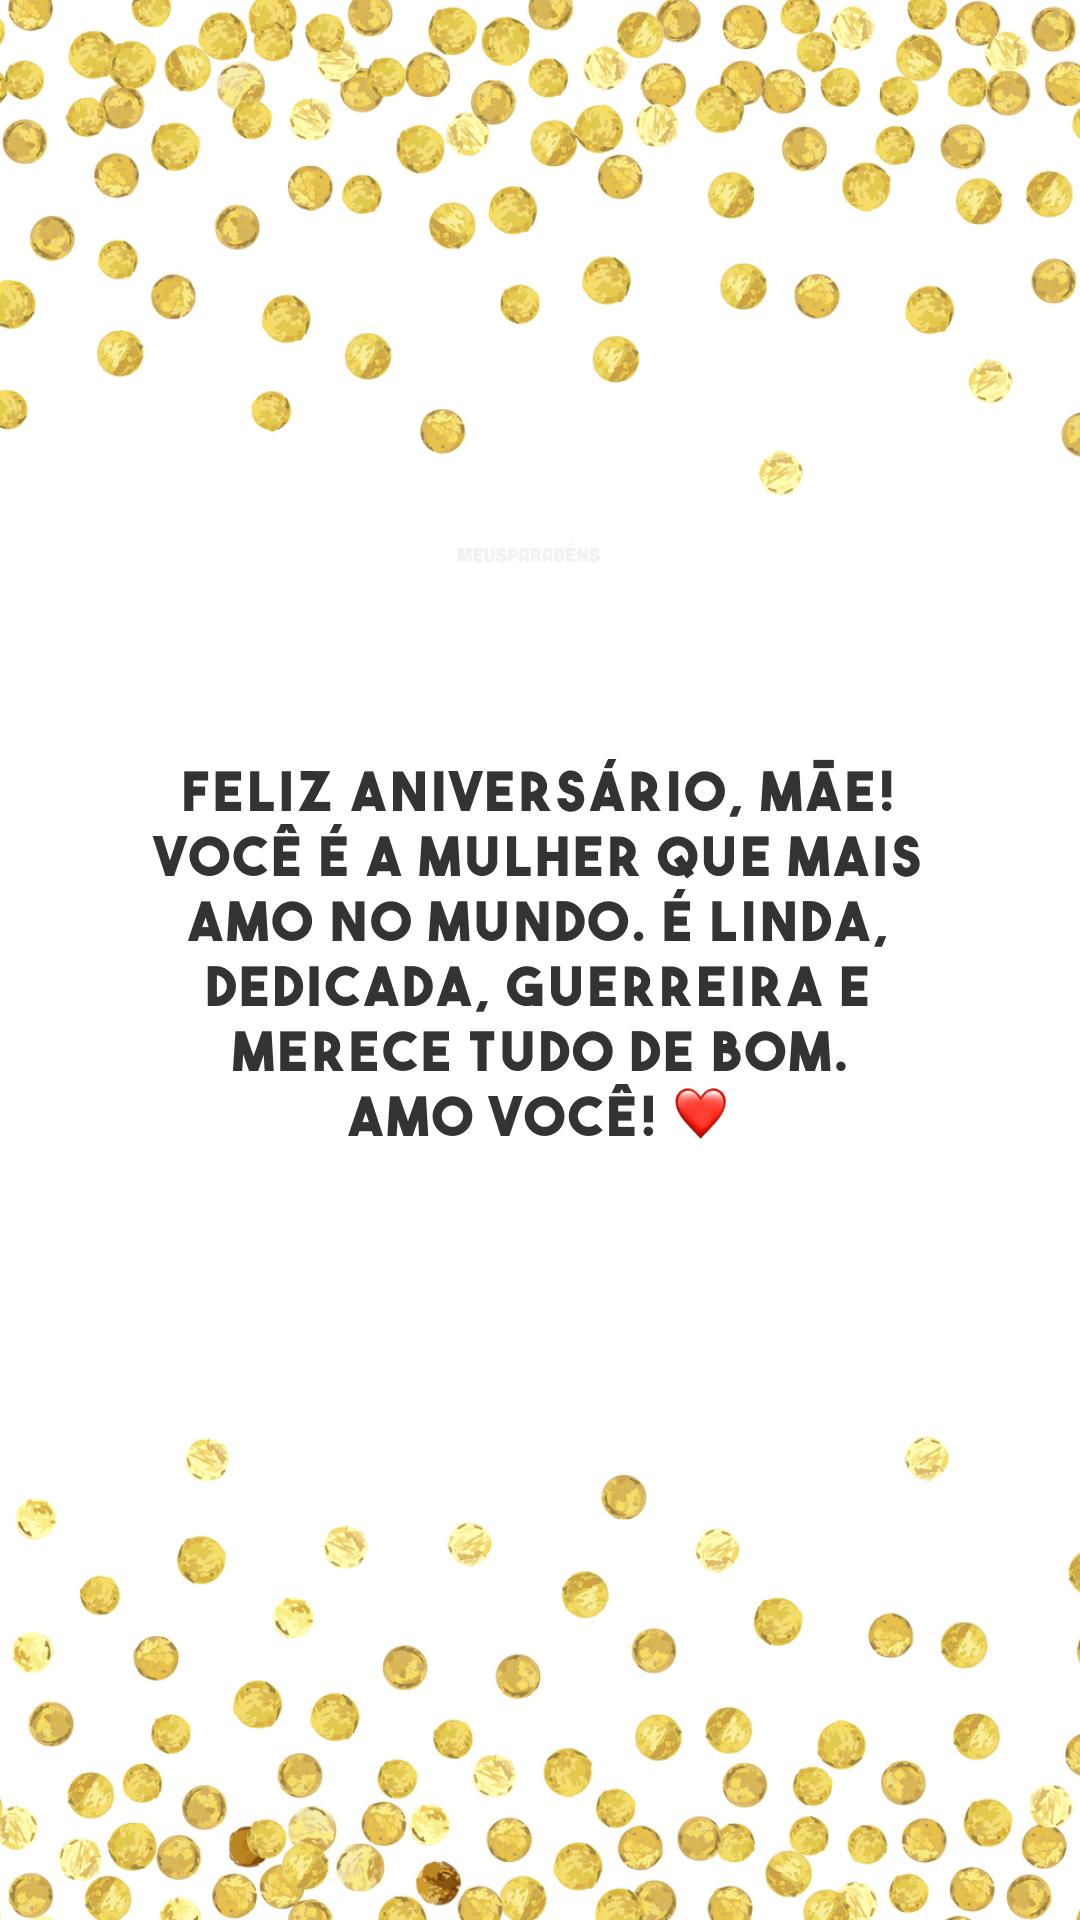 Feliz aniversário, mãe! Você é a mulher que mais amo no mundo. É linda, dedicada, guerreira e merece tudo de bom. Amo você! ❤️